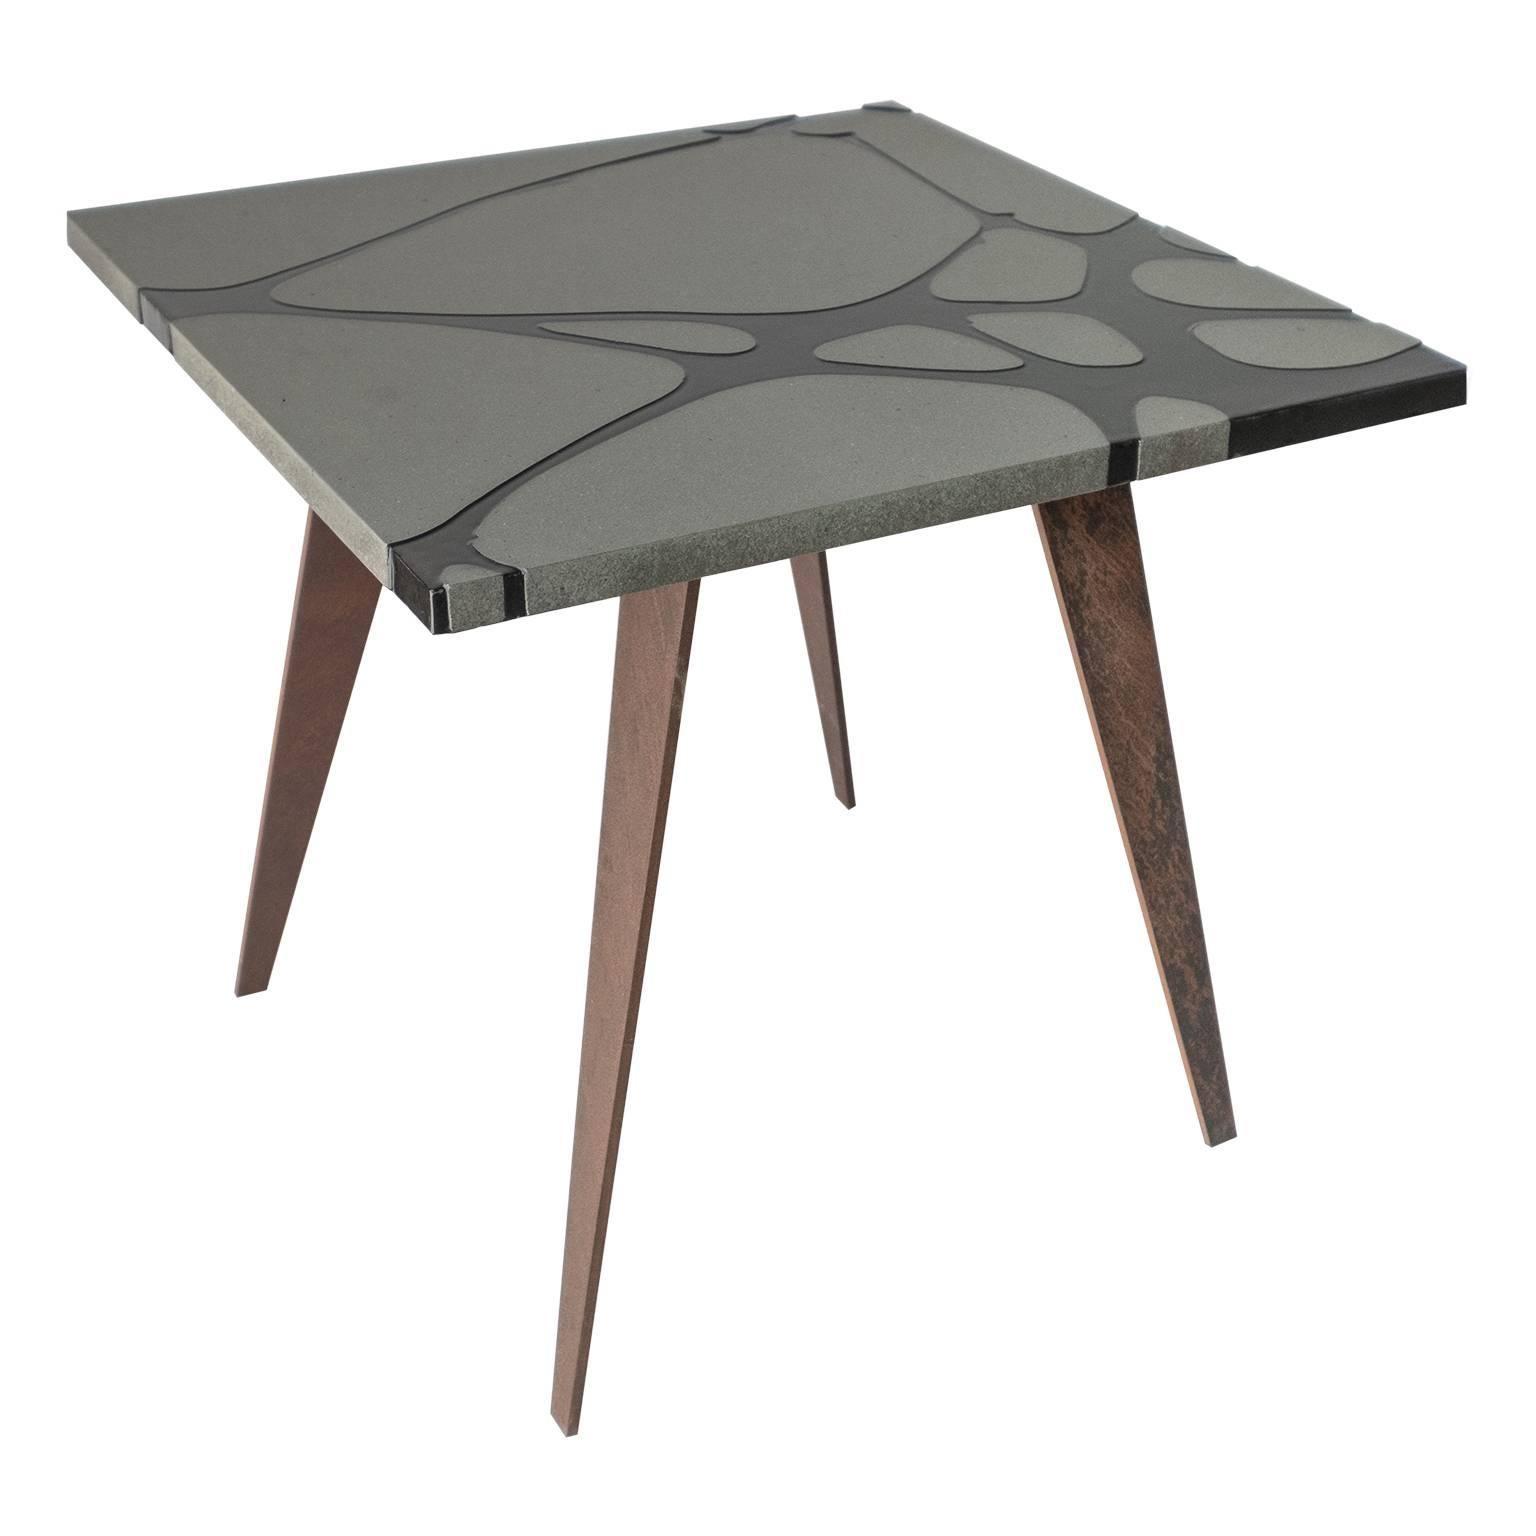 Contemporary Outdoor Square Table in Lava Stone and Steel, Filodifumo